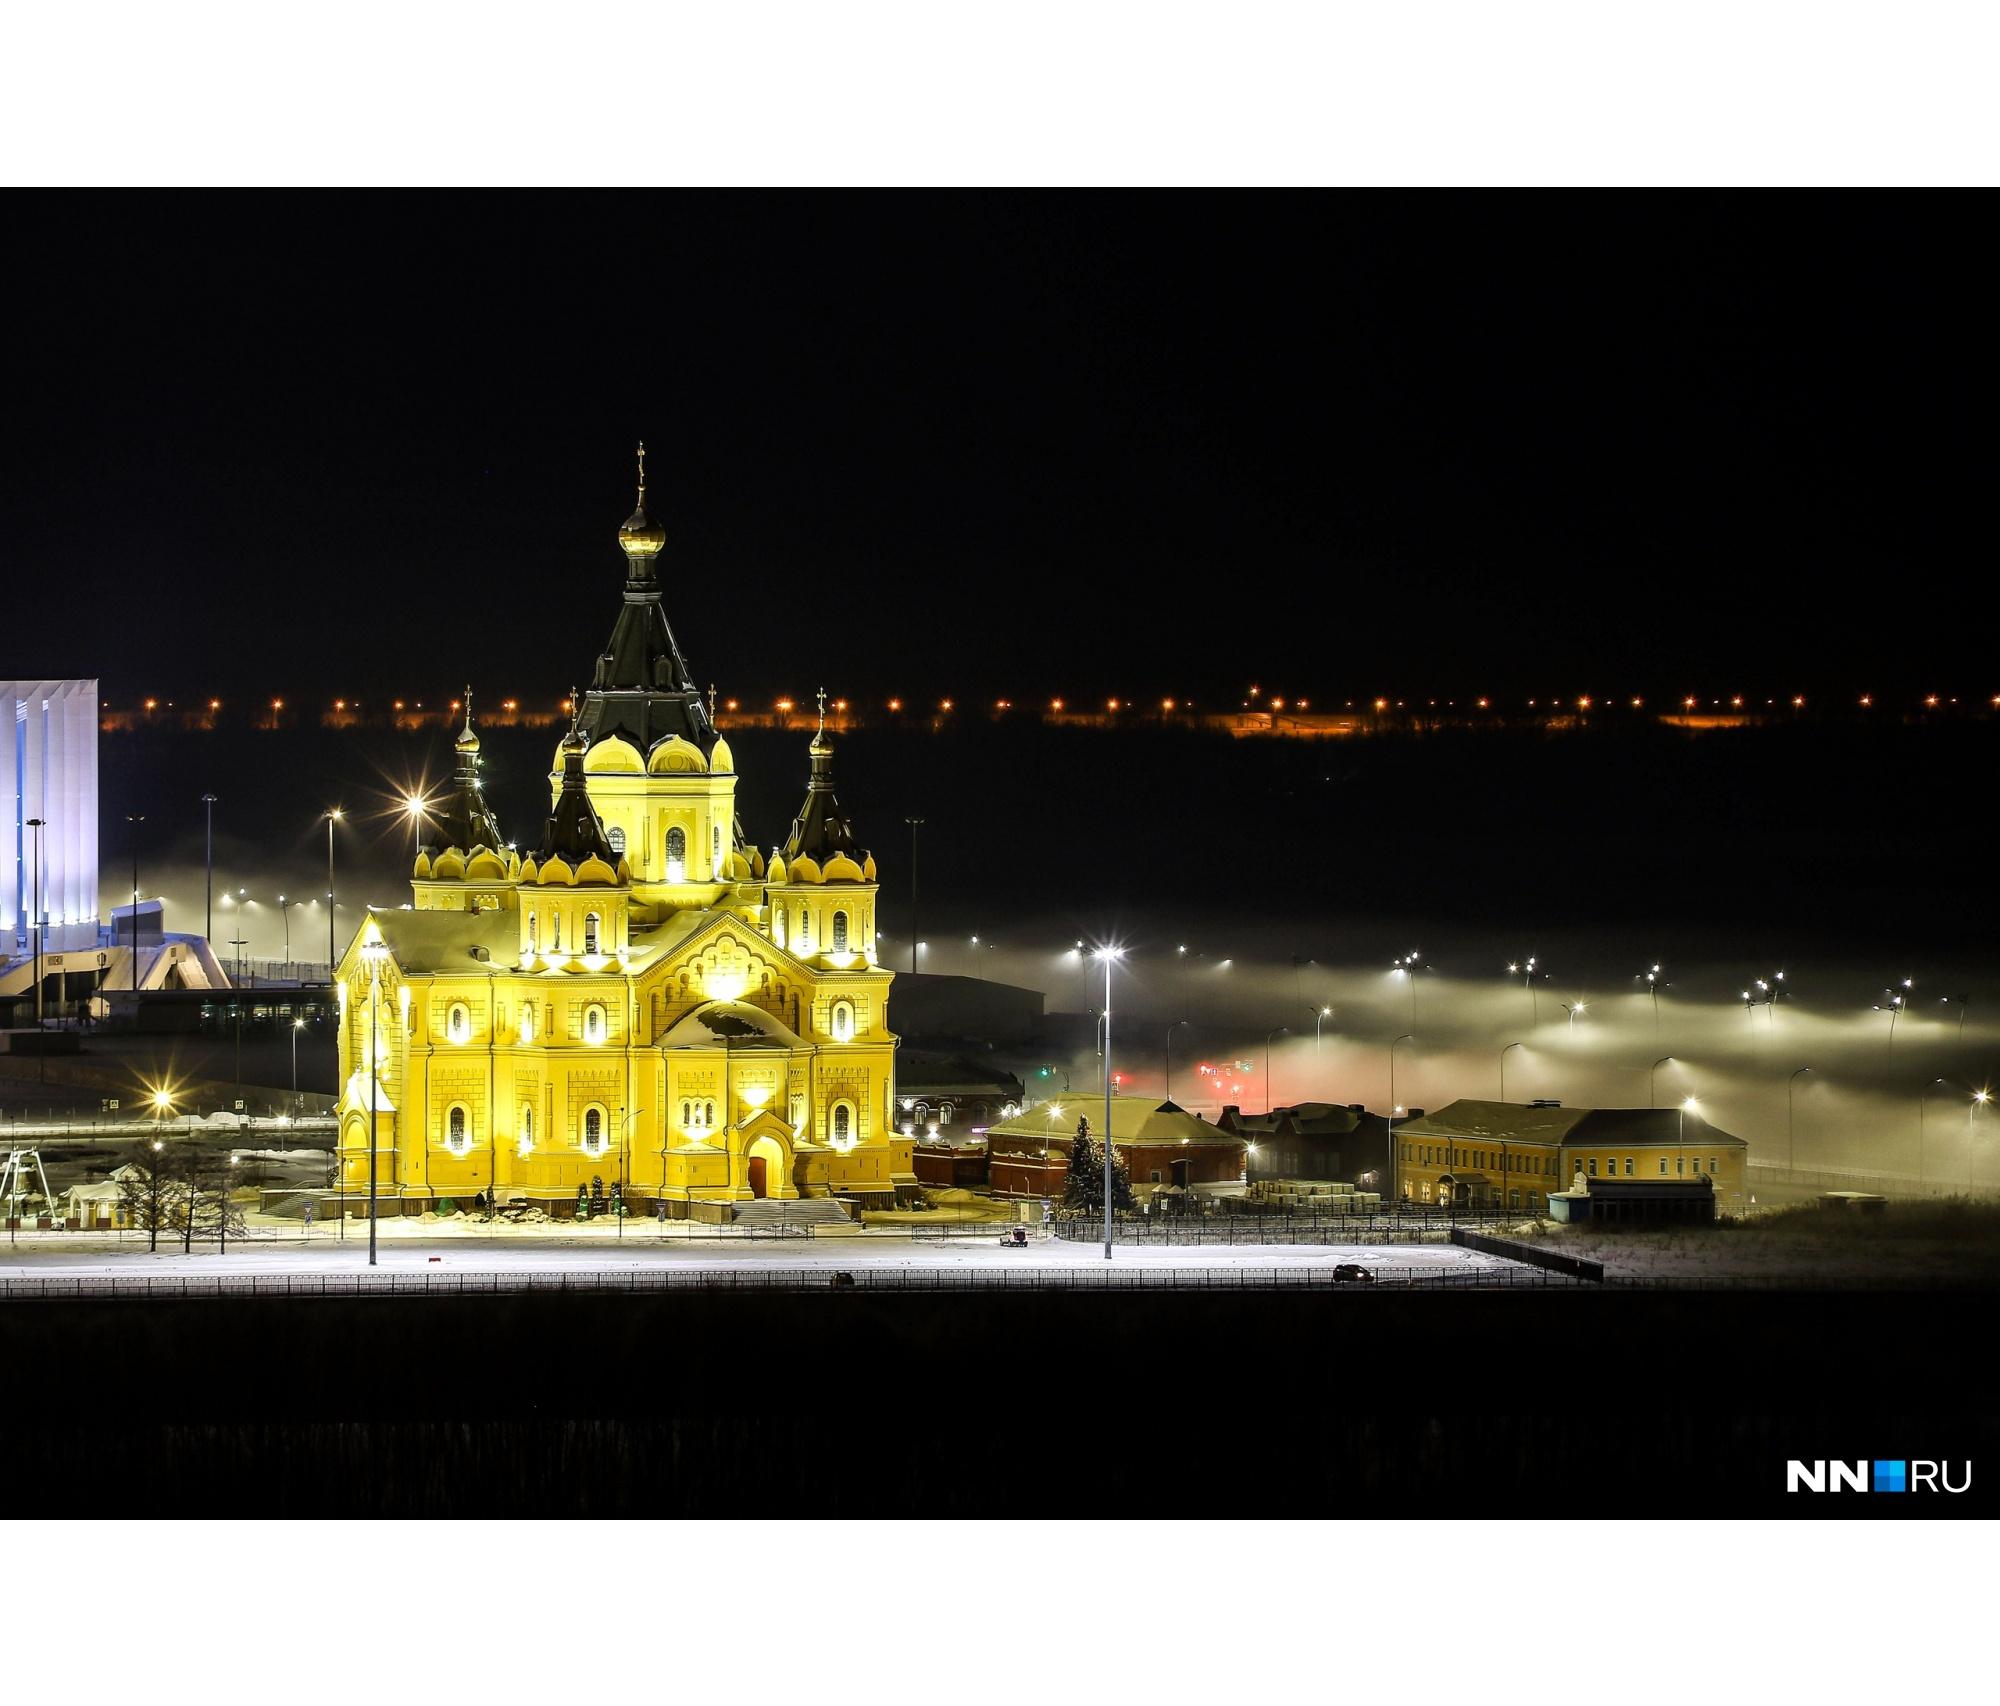 Свет фонарей у церкви отображается в виде Вифлеемской звезды